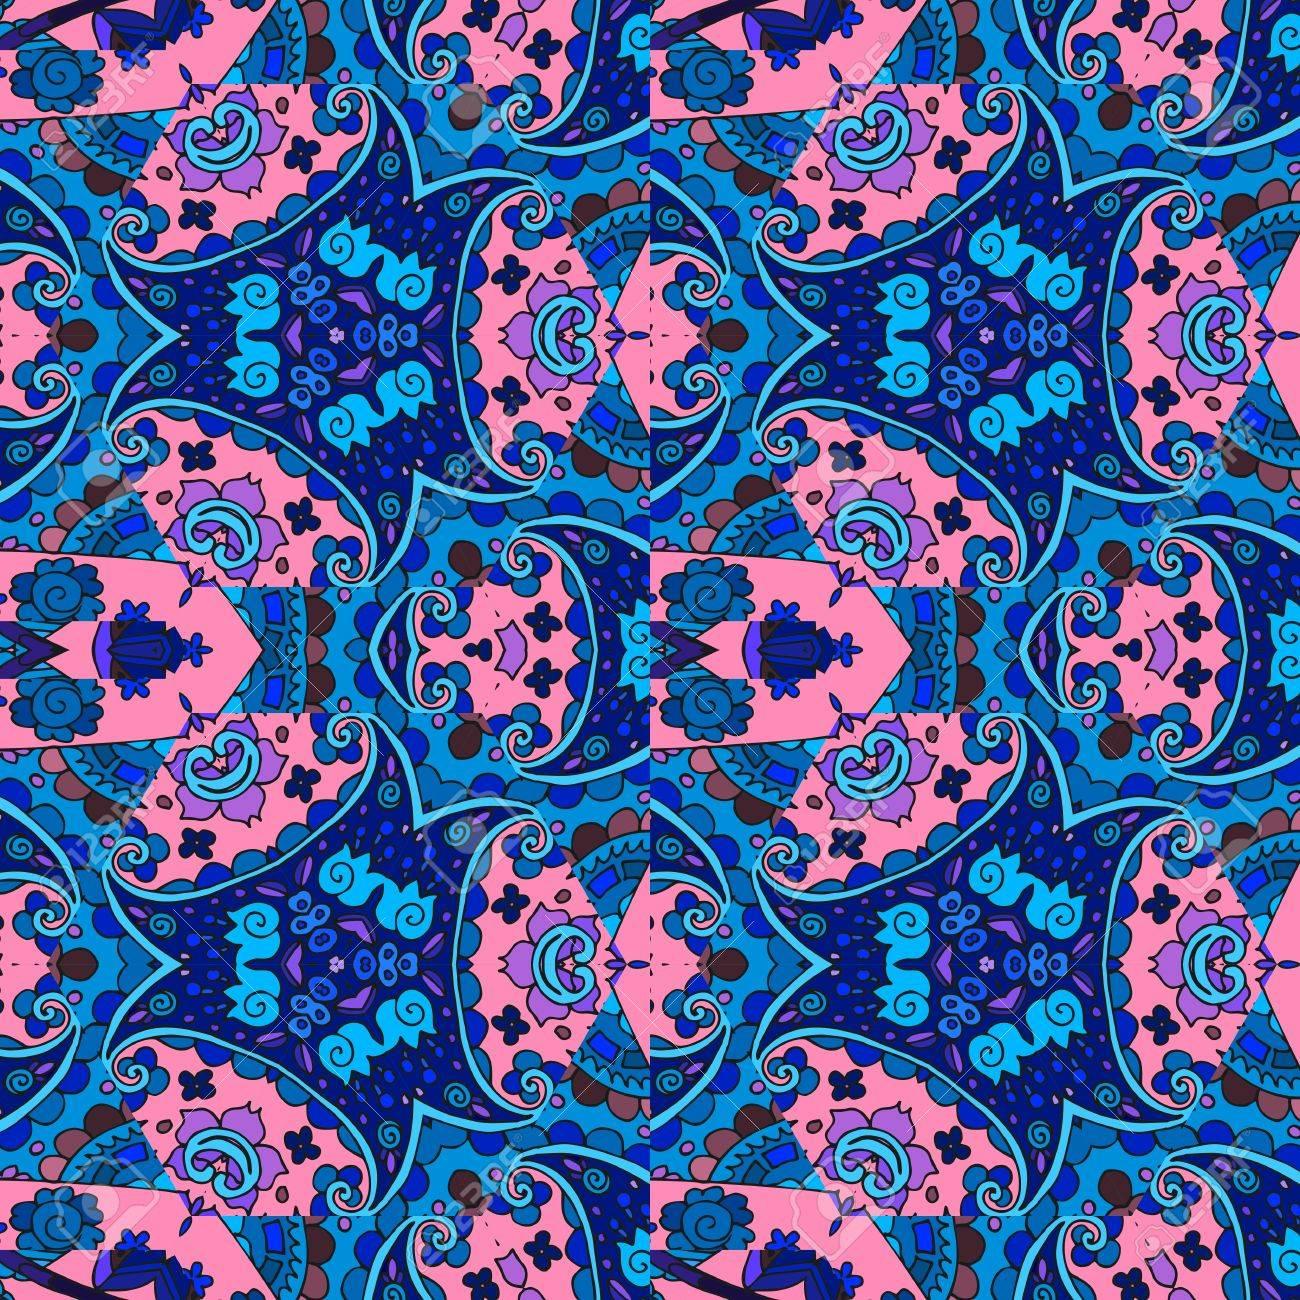 ethnische detaillierten floralen und paisley nahtlose muster vektor illustration drucken fr stoff - Bettwasche Paisley Muster